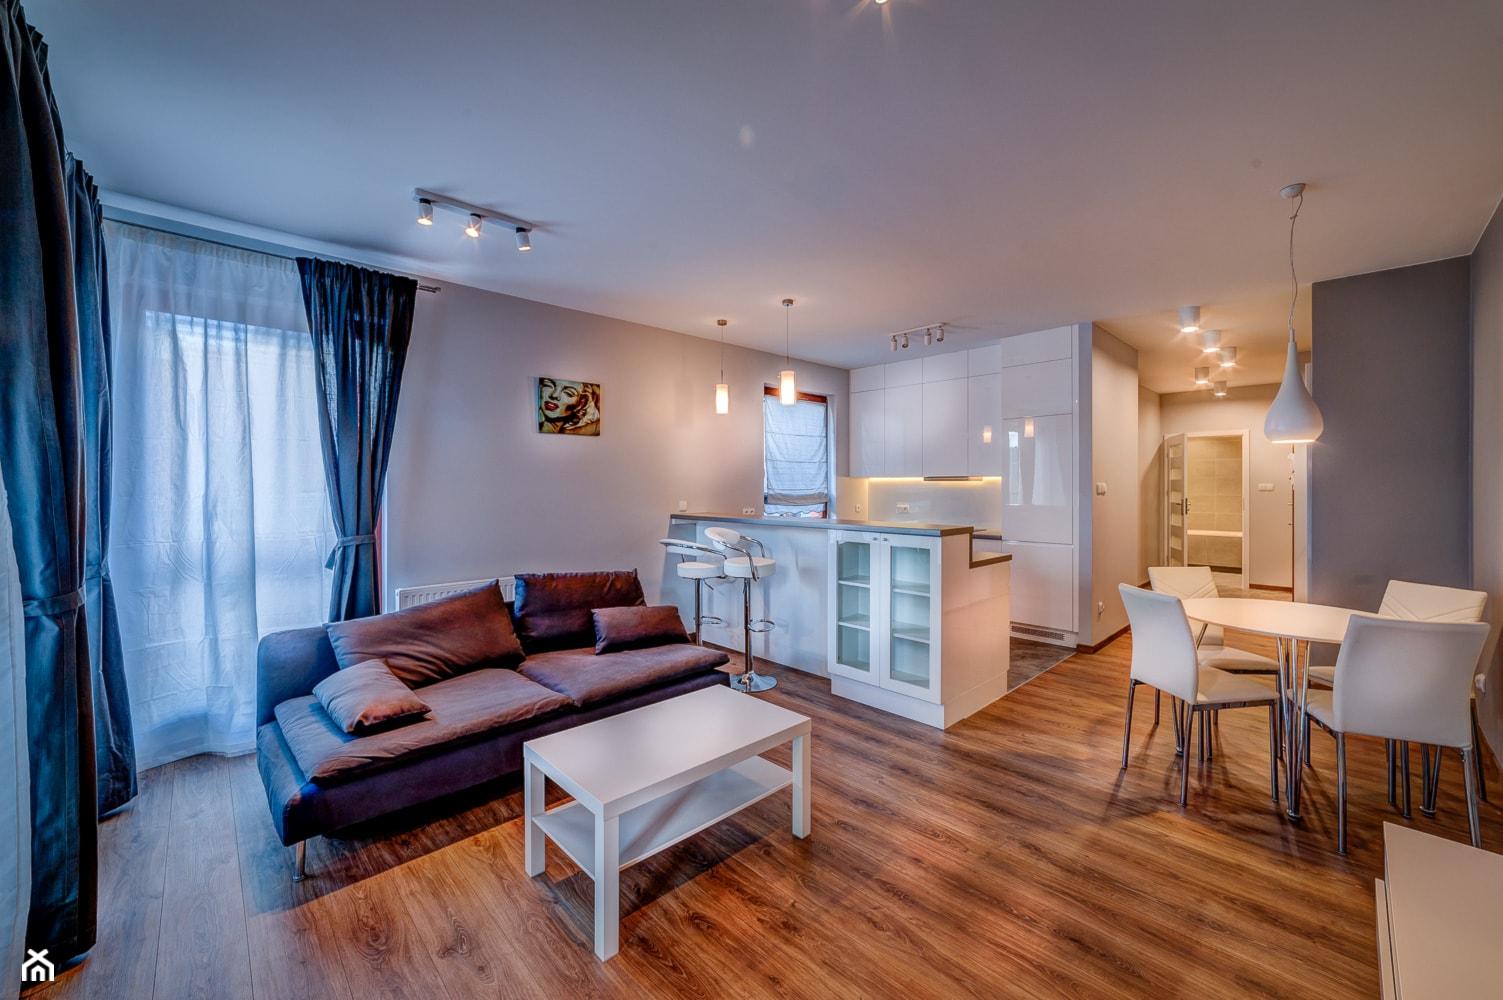 Mieszkanie pod wynajem Os. Garnizon - Średni szary biały salon z kuchnią z jadalnią, styl nowoczesny - zdjęcie od Bello Arte - Homebook